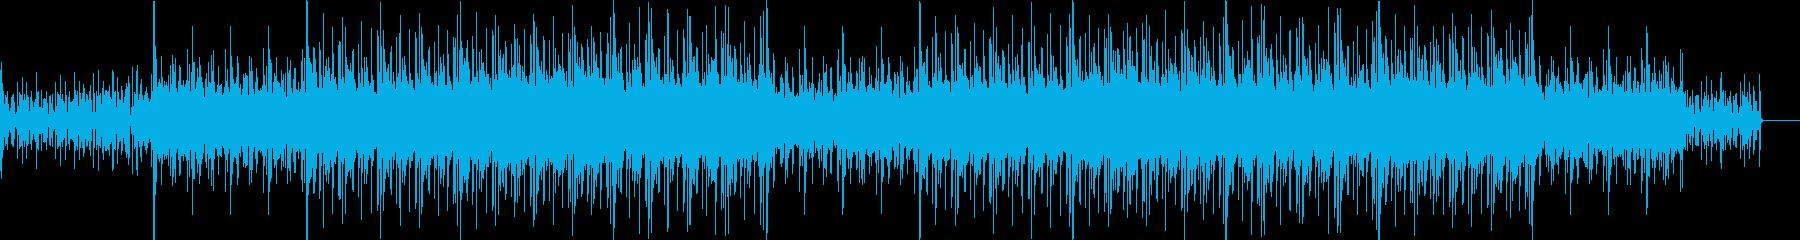 JAZZ風味ボサノバ店内音楽オシャレ系の再生済みの波形